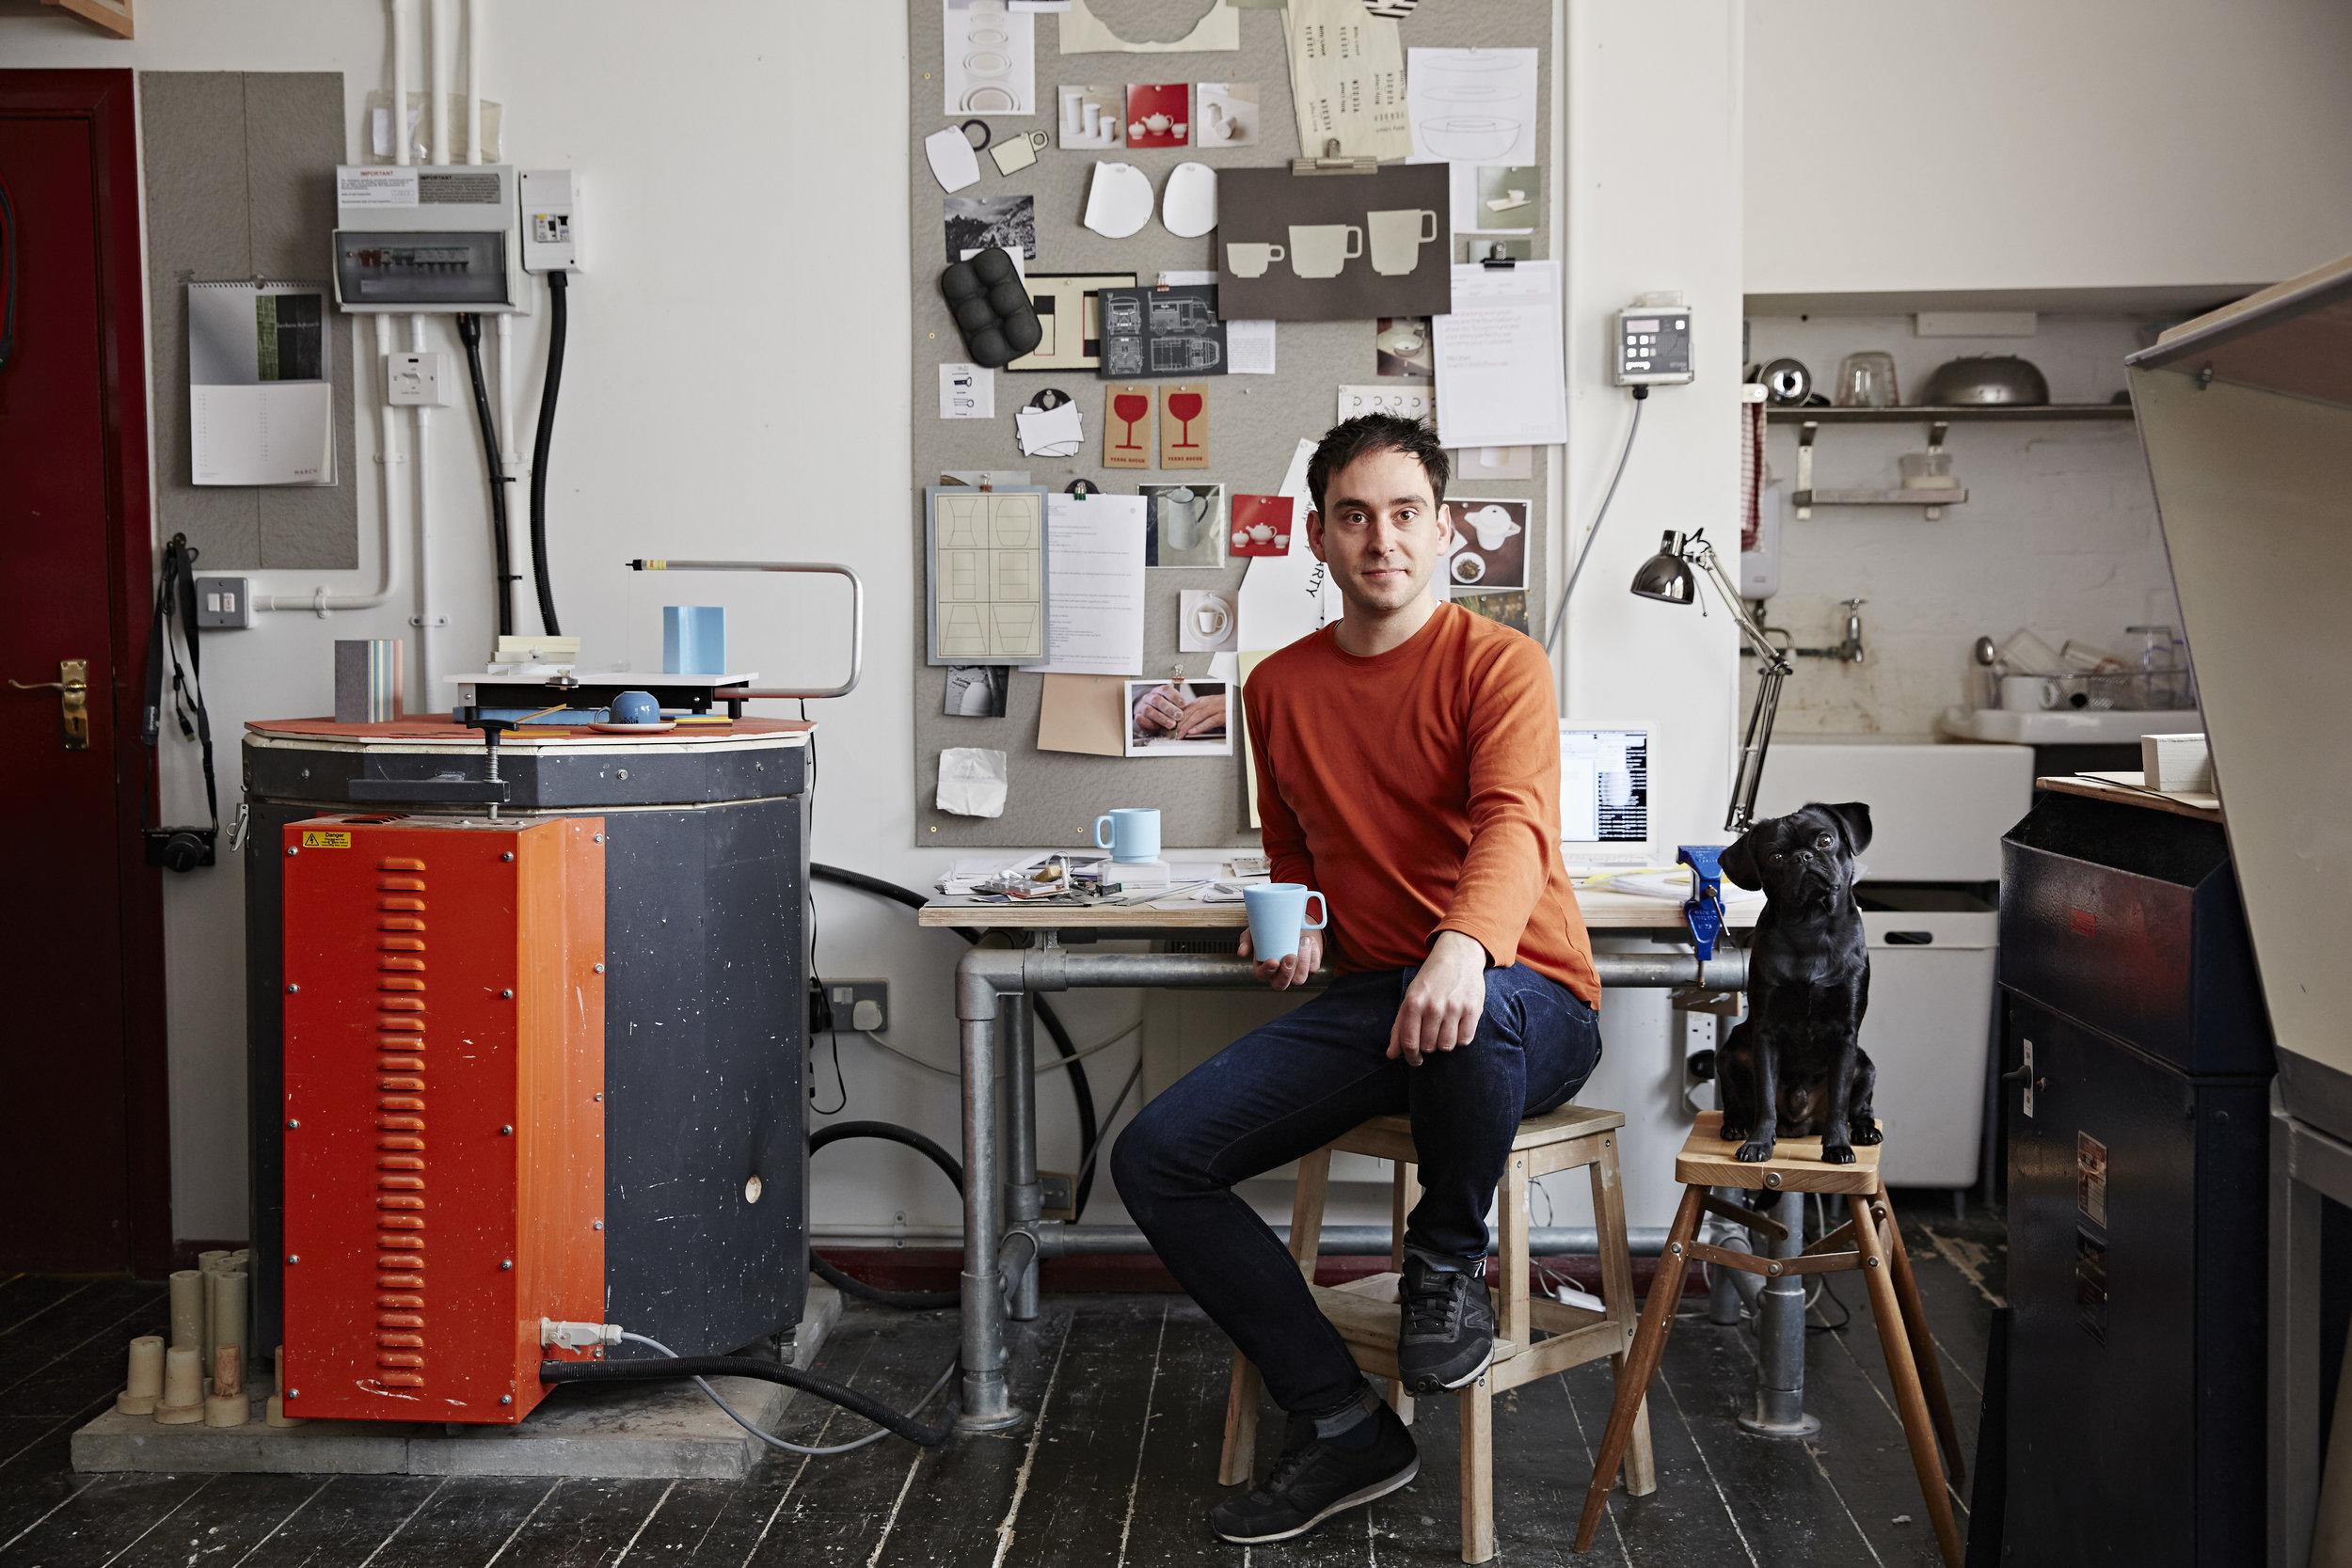 Studio portrait courtesy of  Alun Callender